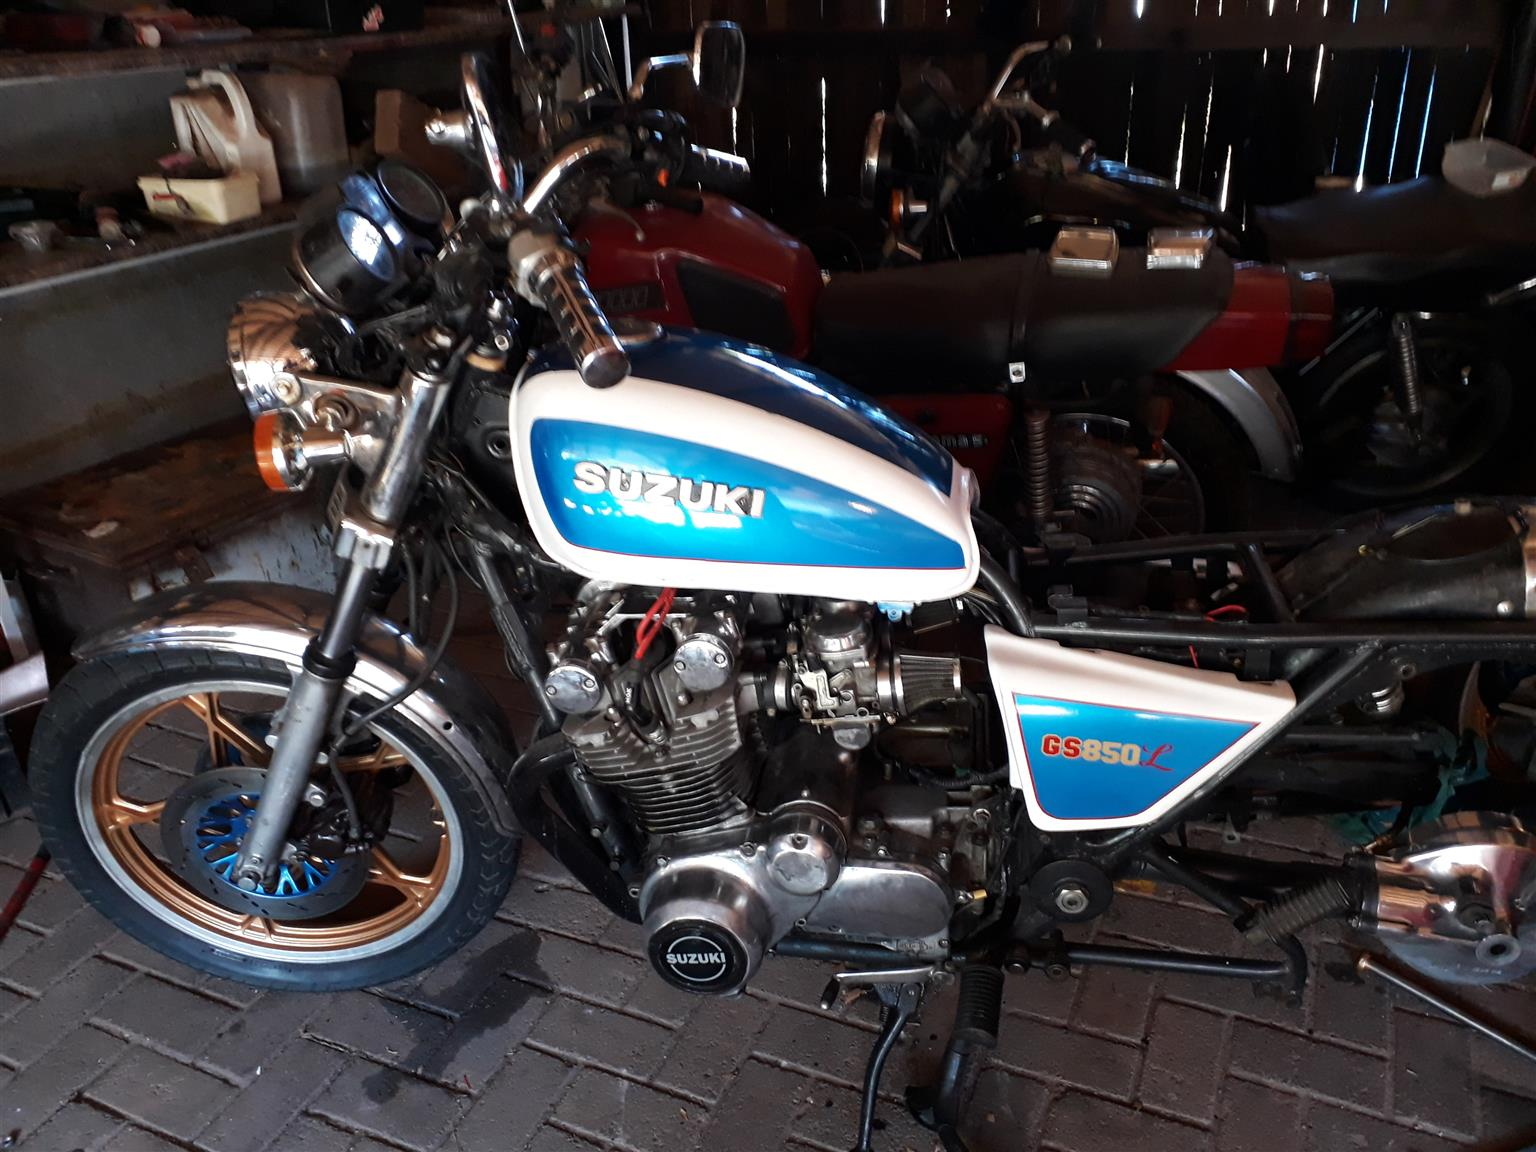 1982 Suzuki GS